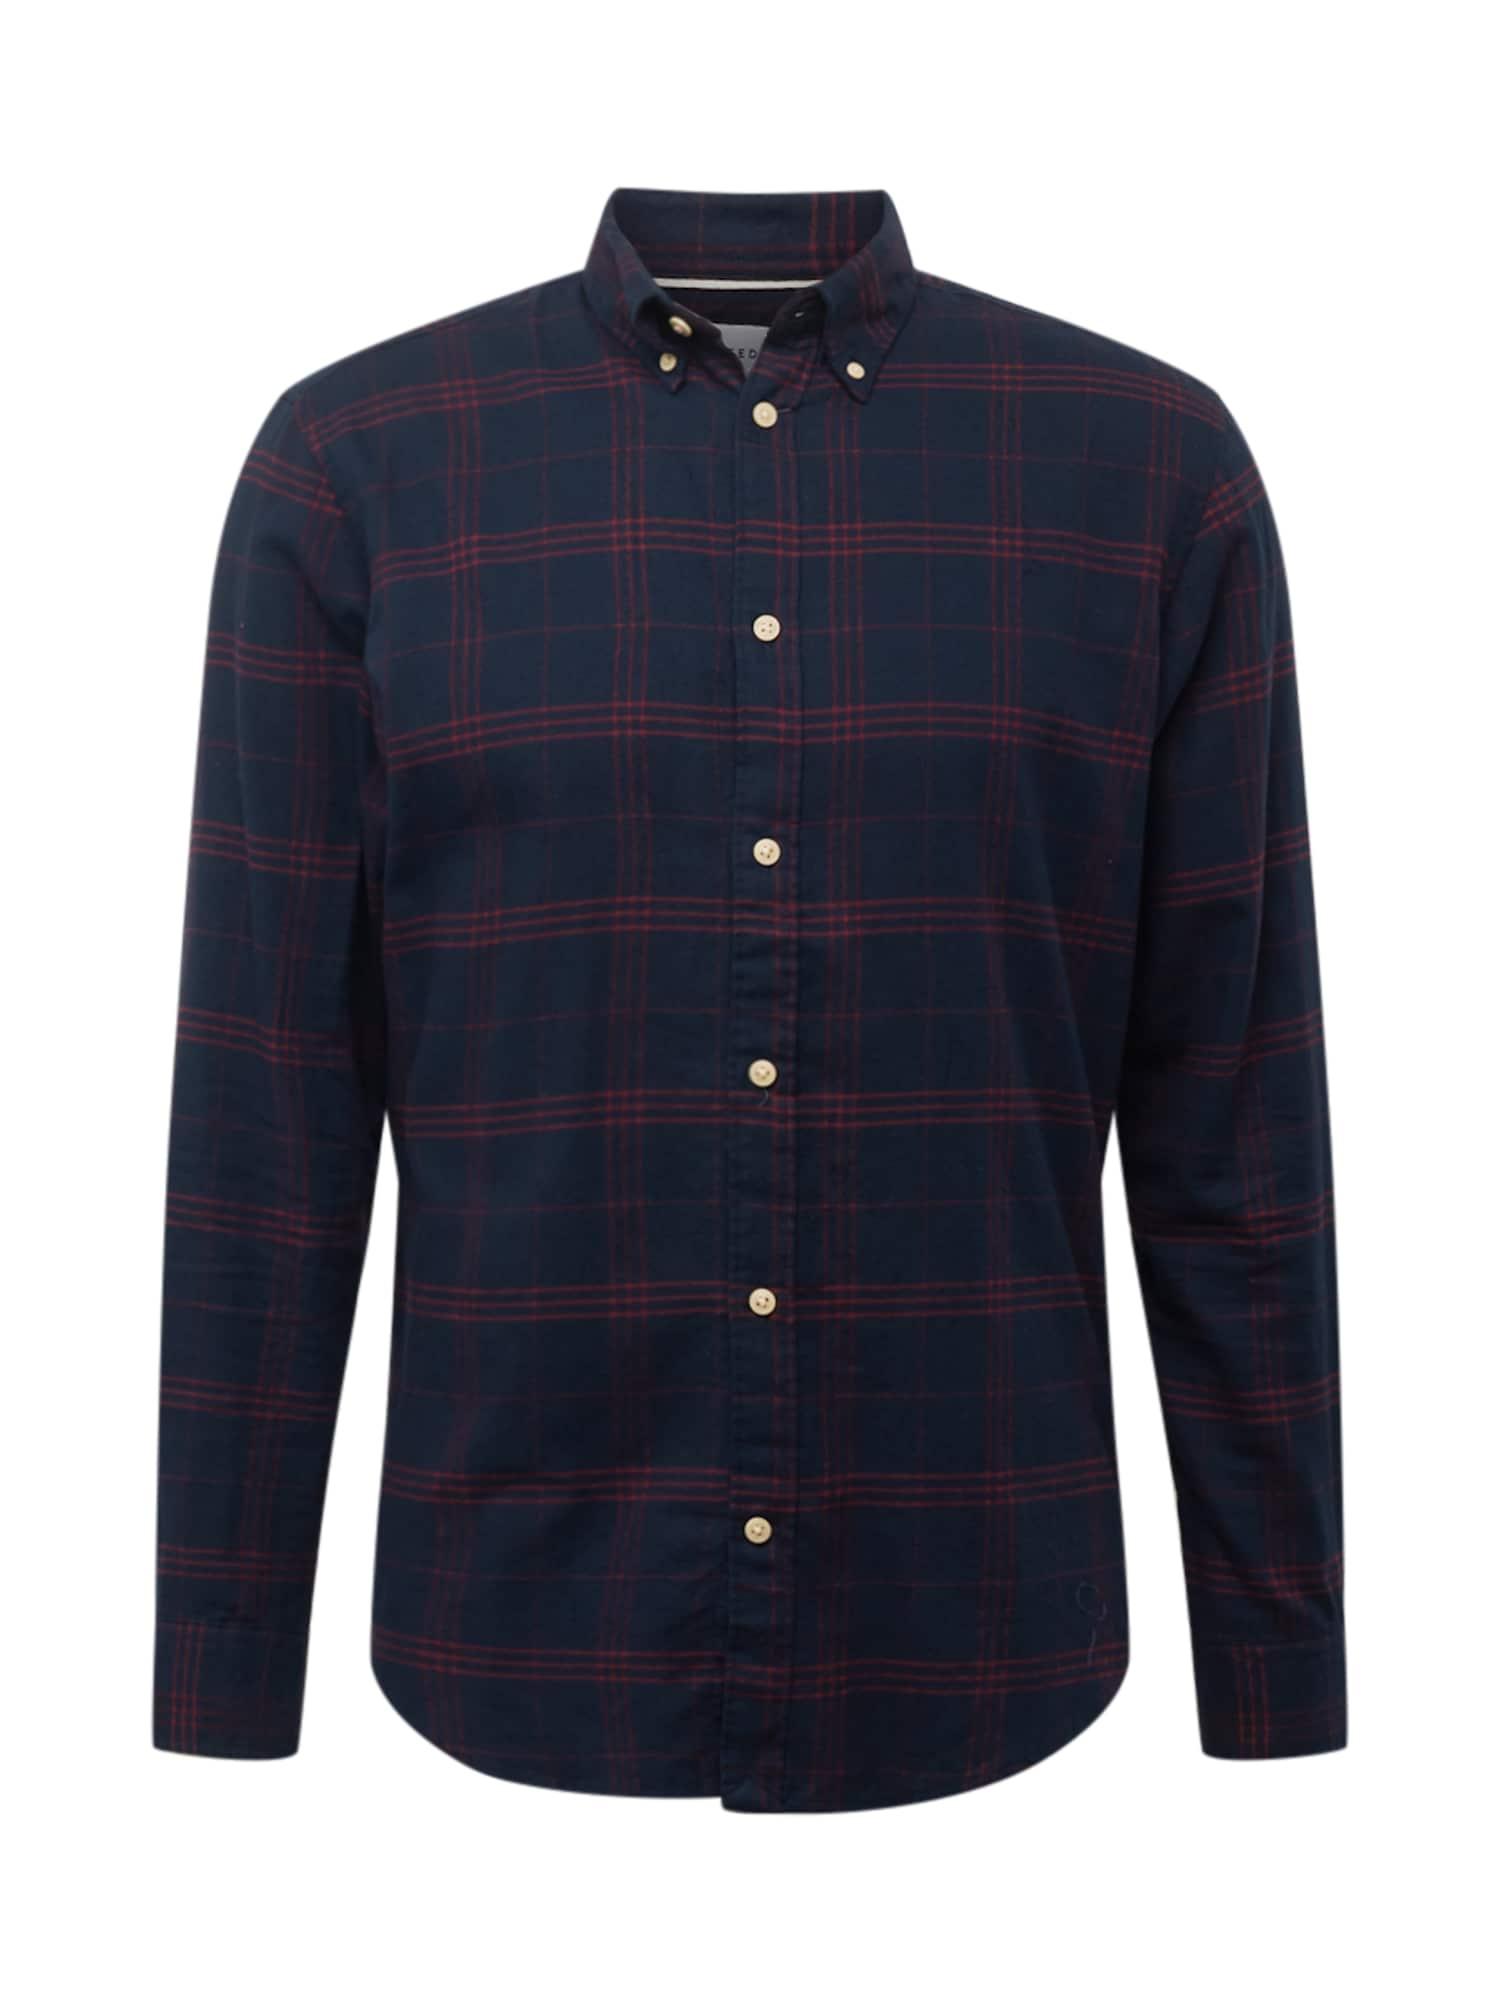 SELECTED HOMME Marškiniai tamsiai mėlyna / vyno raudona spalva